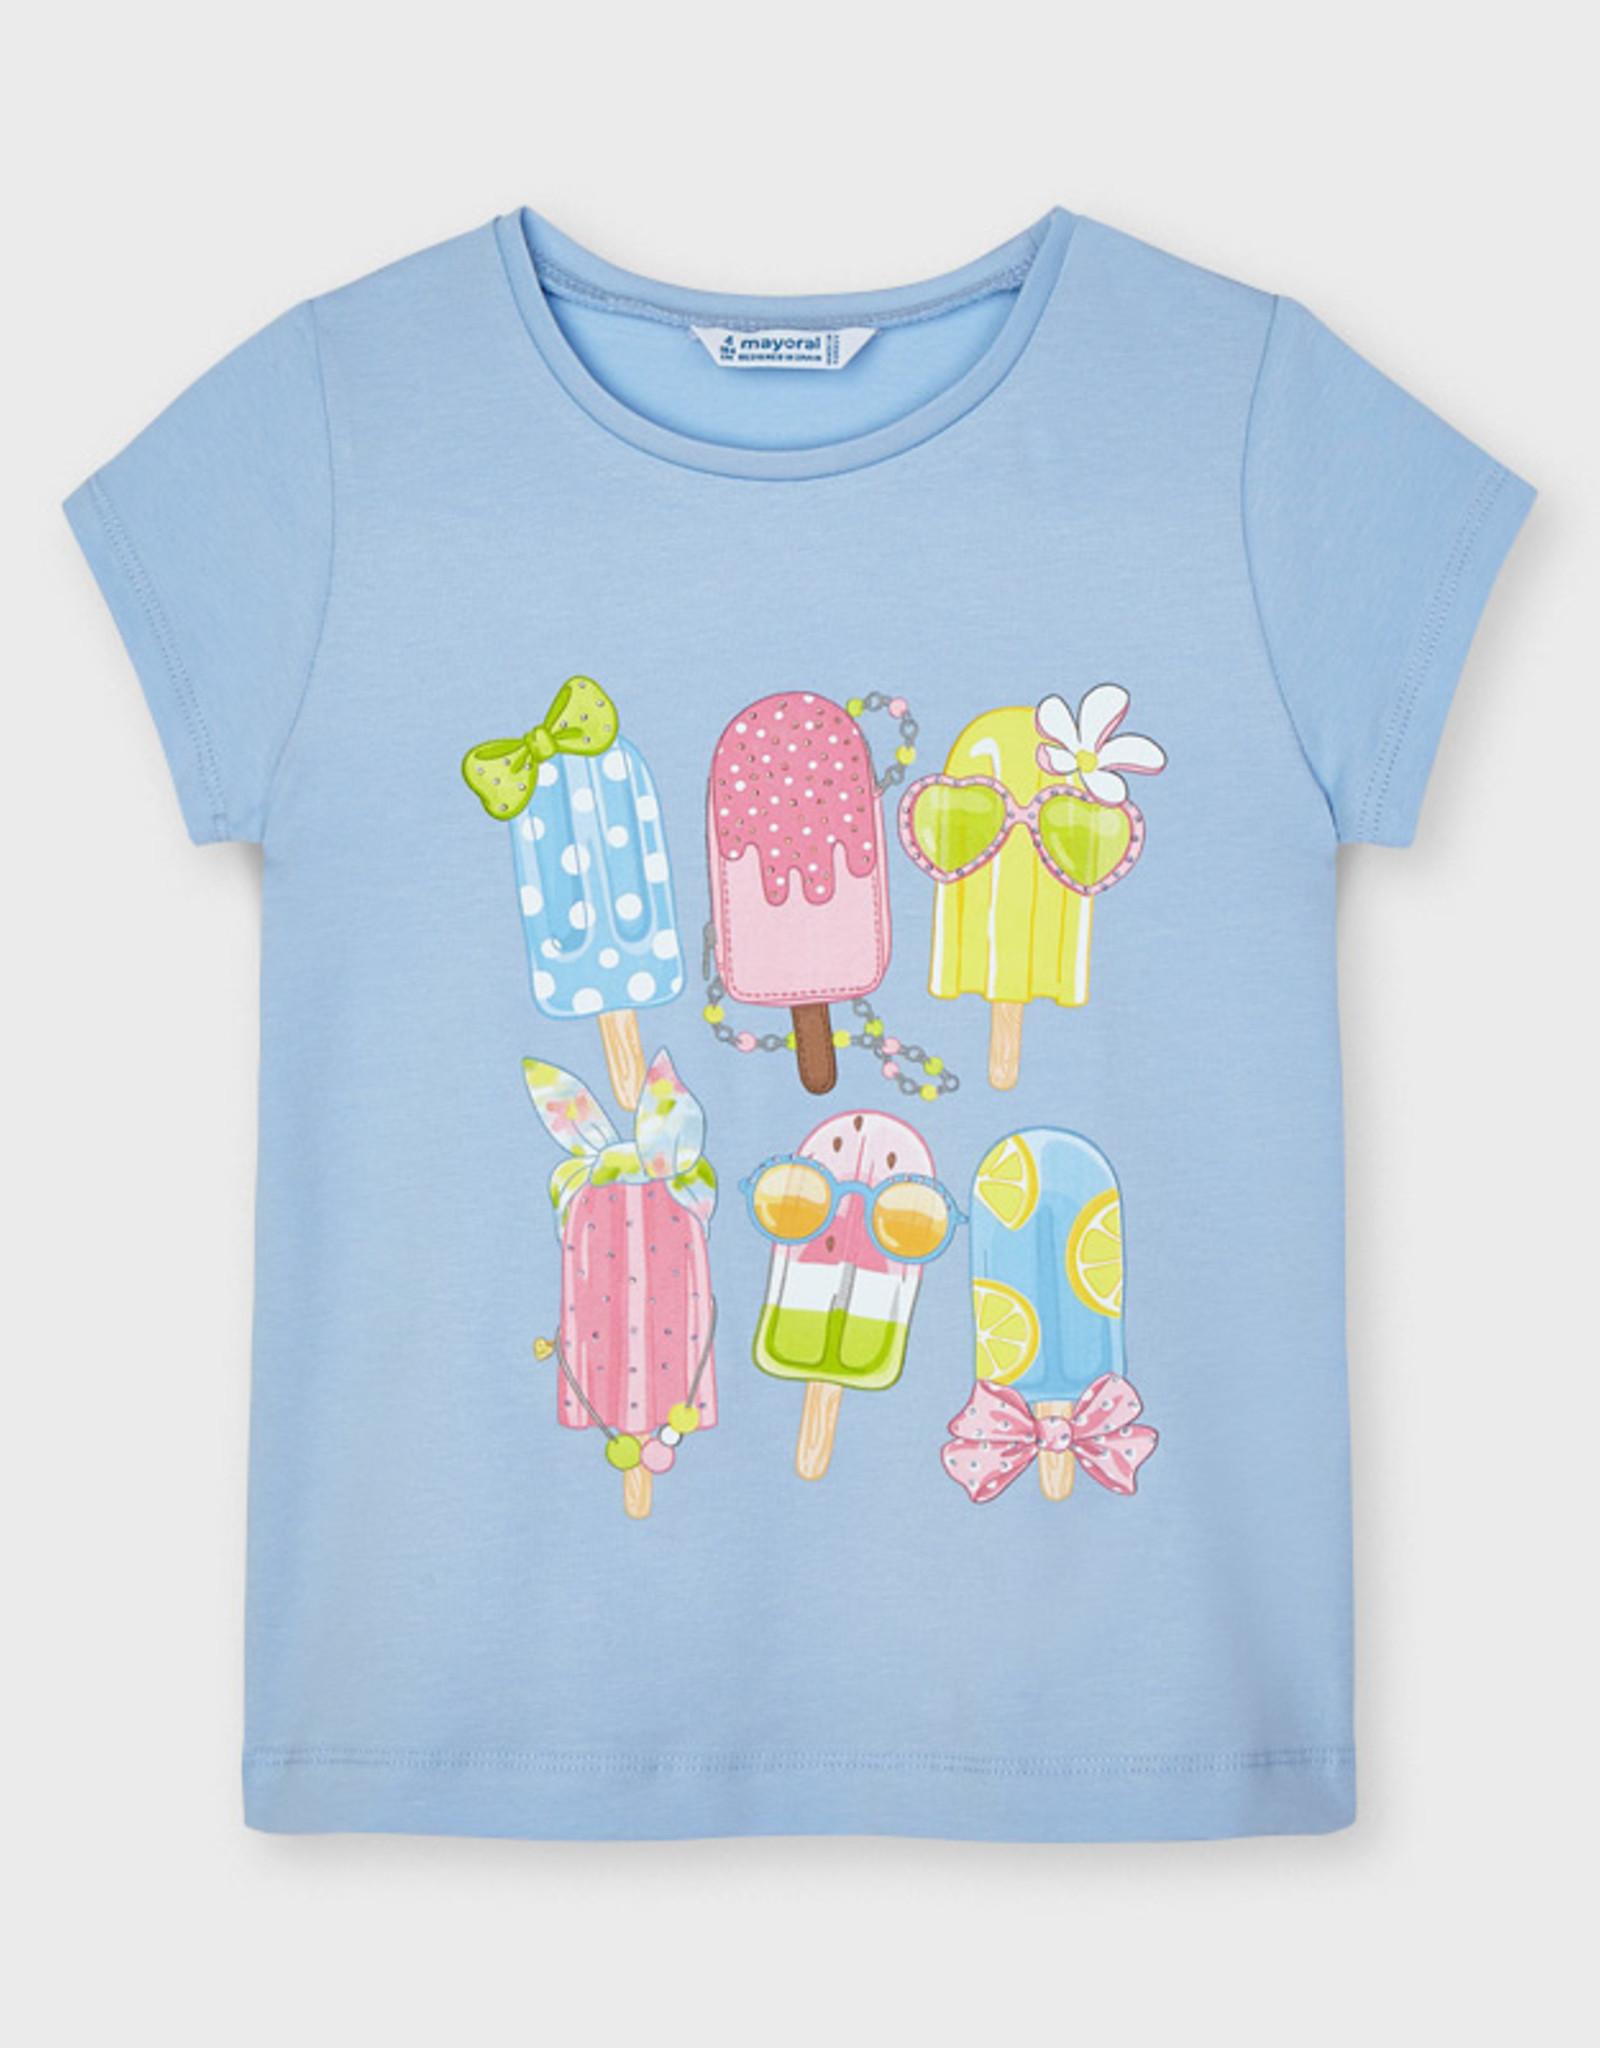 Mayoral SP21 G Blue Popsicle T-Shirt